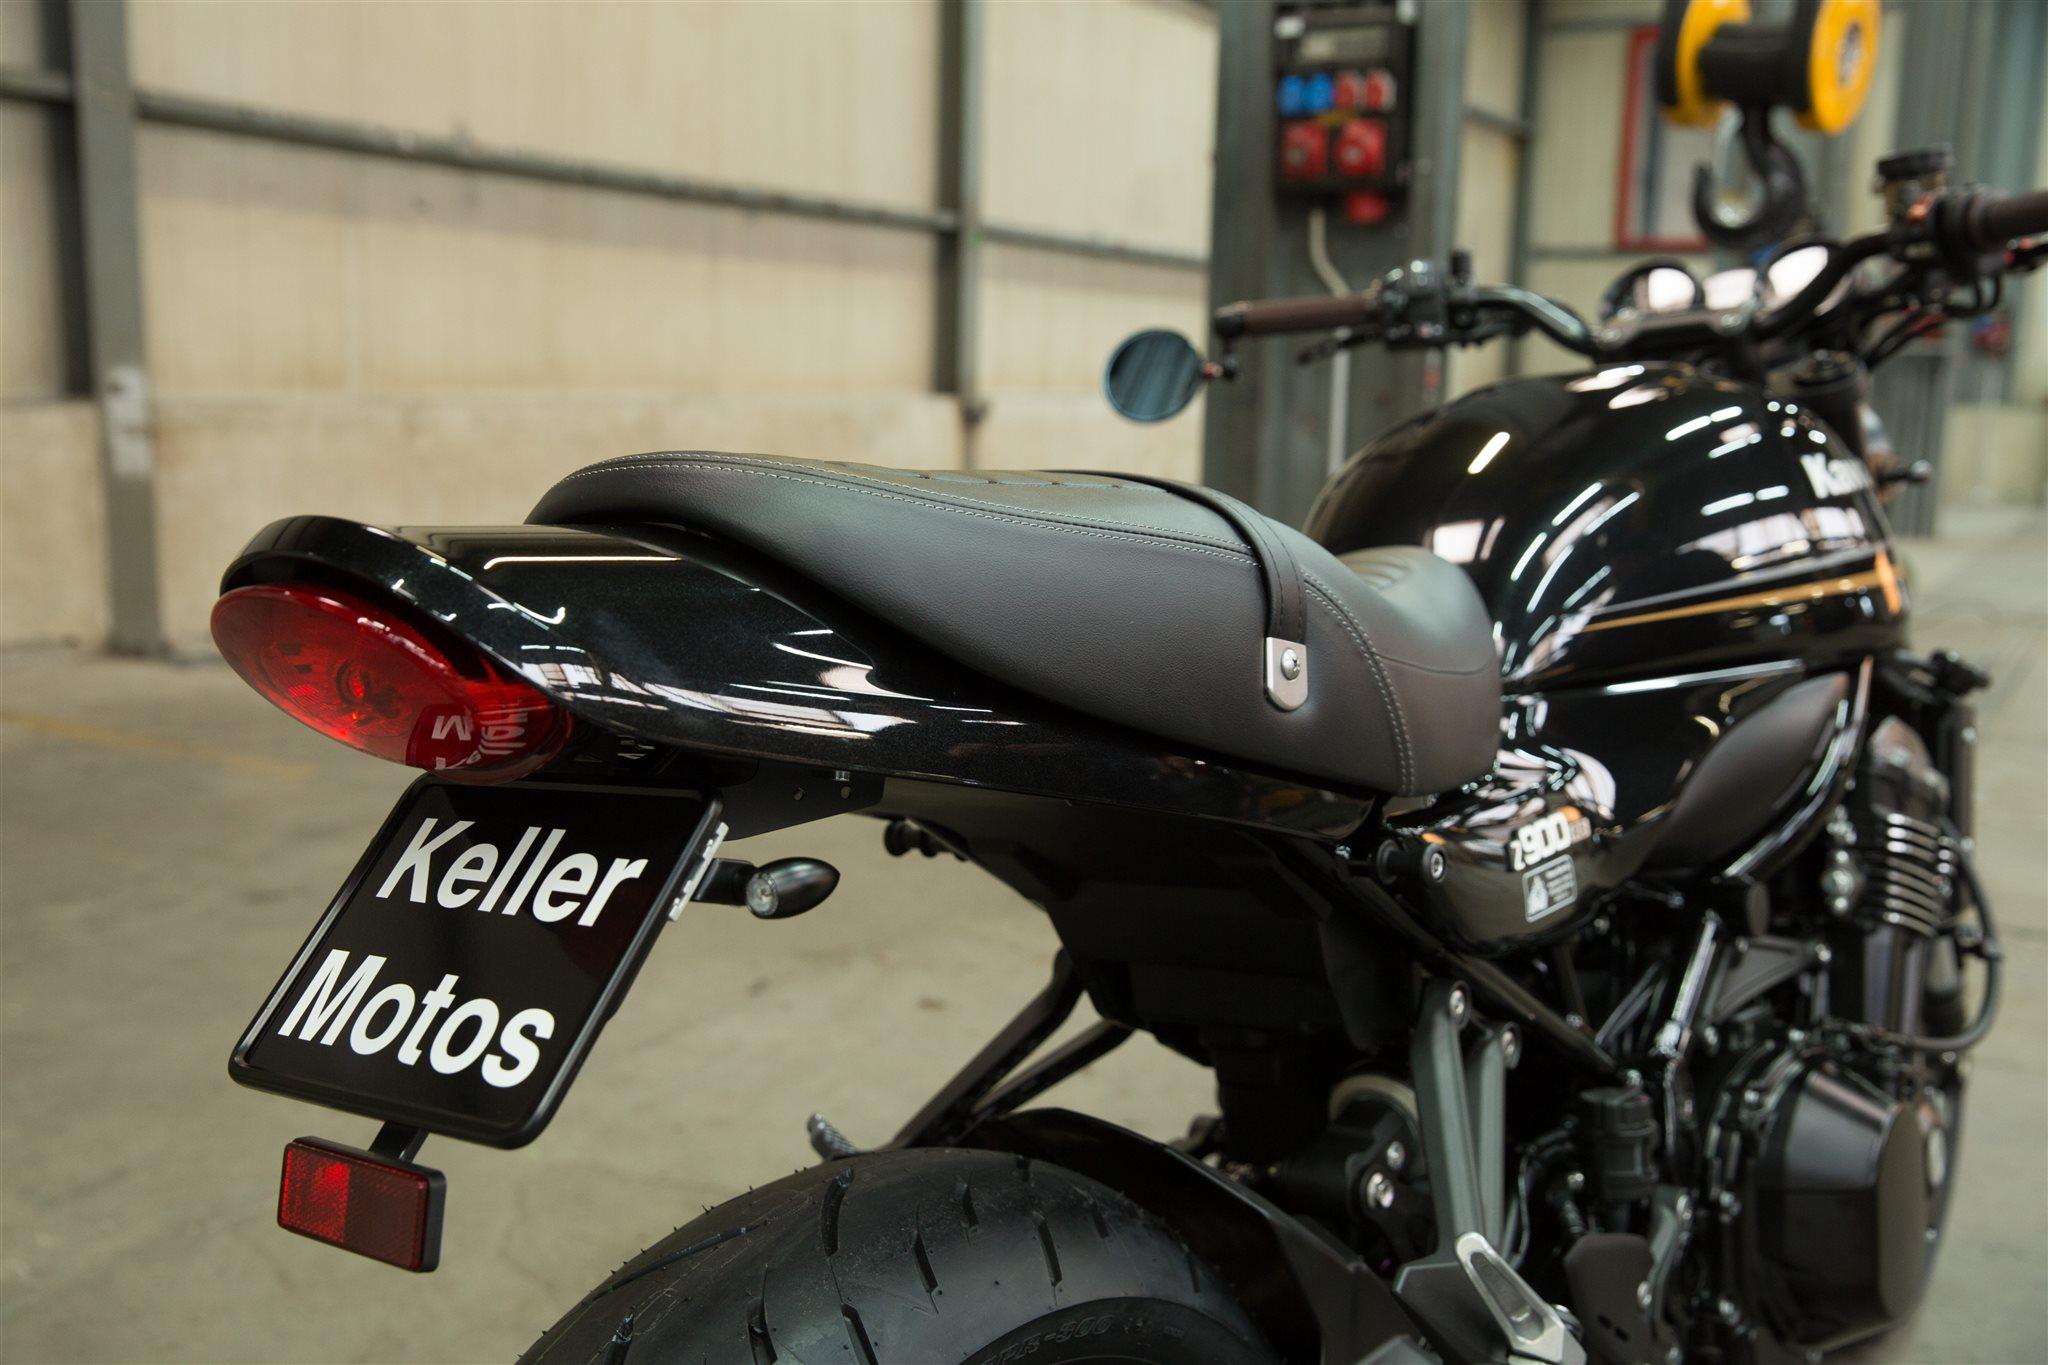 Umgebautes Motorrad Kawasaki Z900RS Von Keller Motos